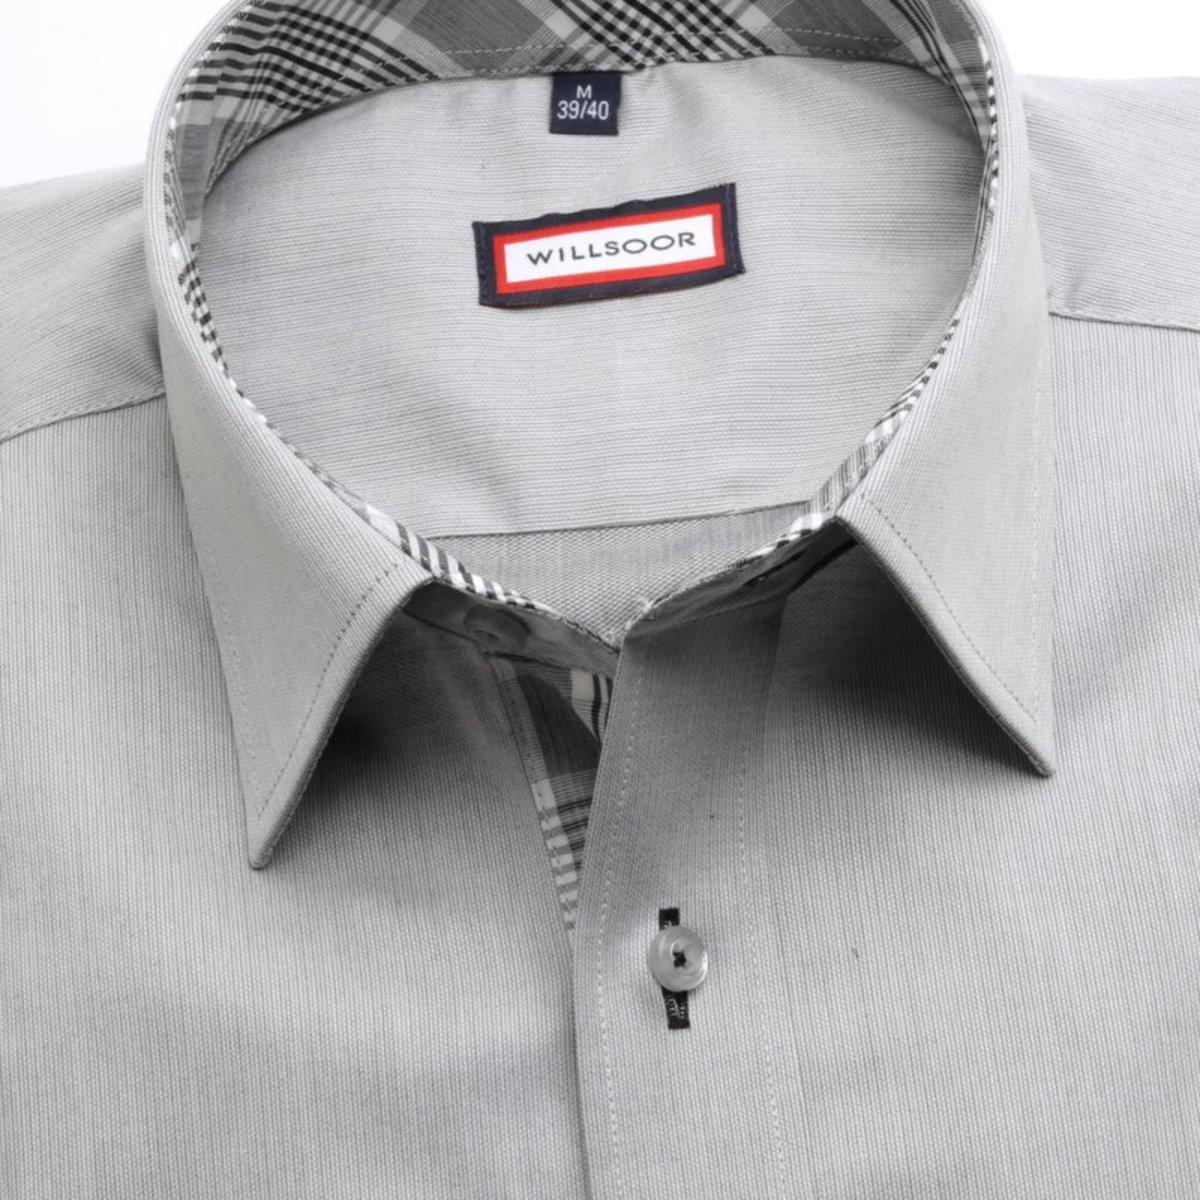 Pánská slim fit košile (výška 164-170) 7442 v šedé barvě 164-170 / XL (43/44)